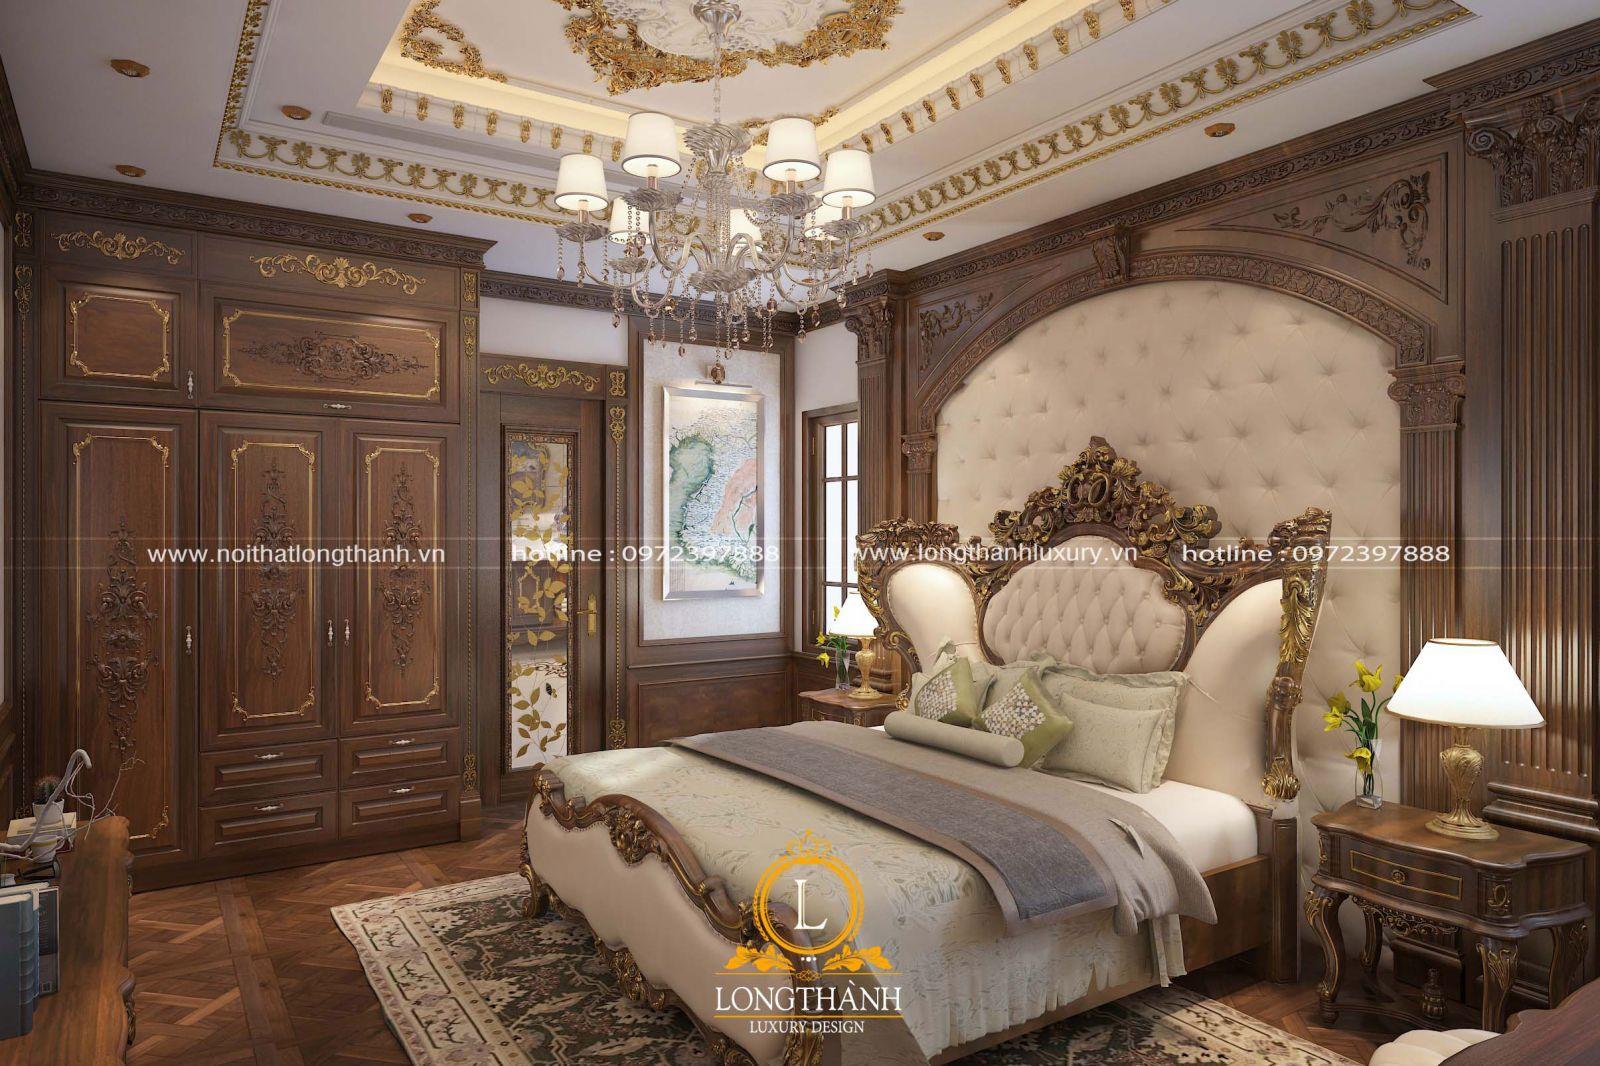 Mẫu phòng ngủ được chạm trổ cầu kỳ